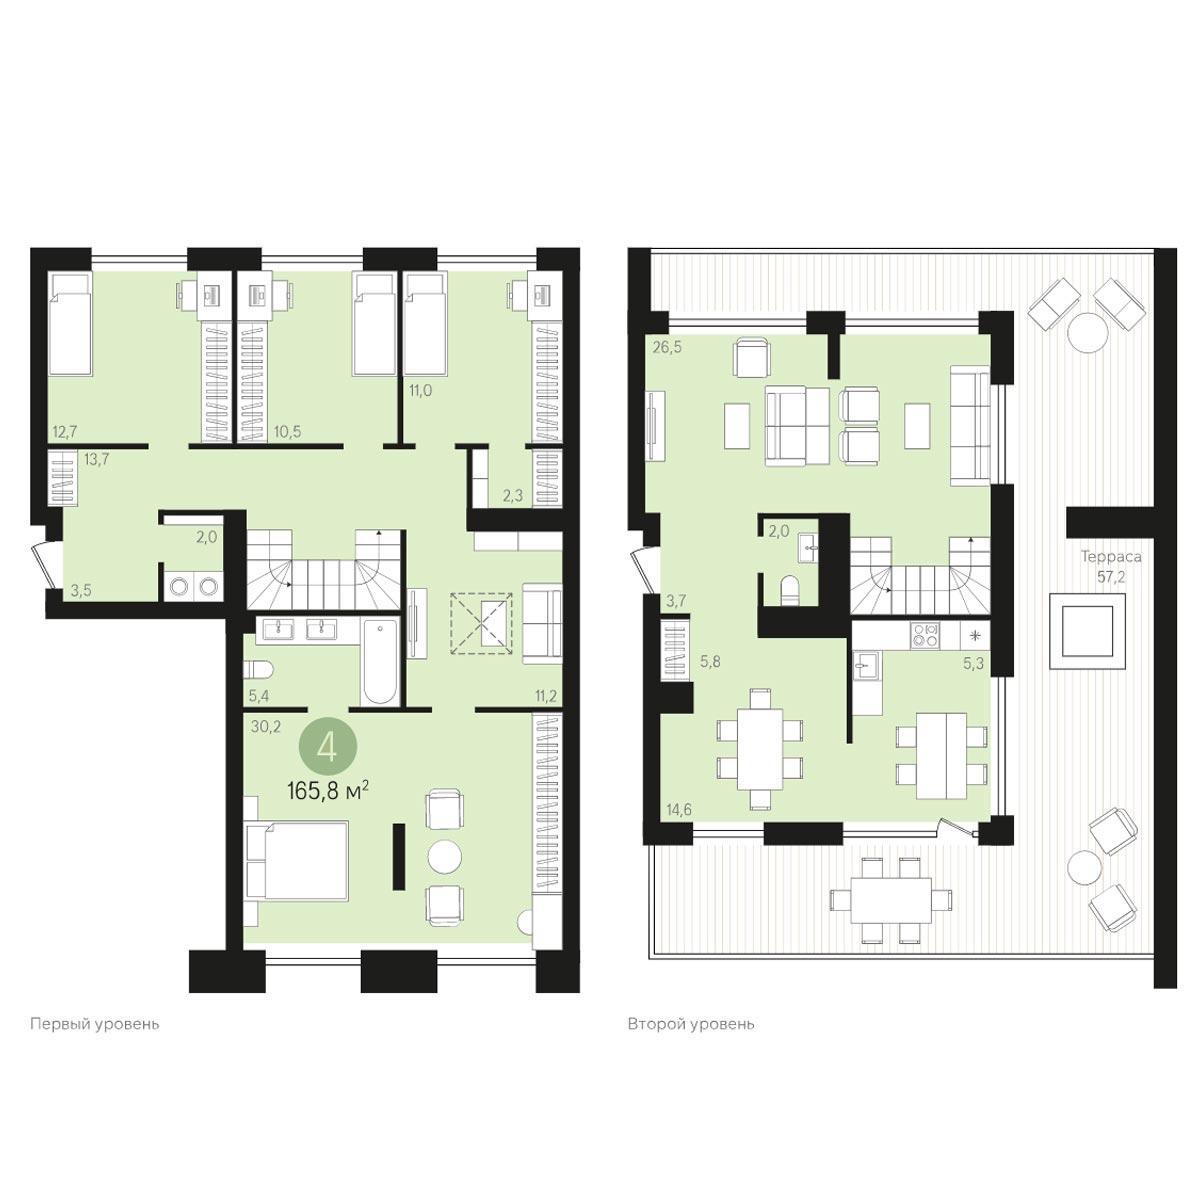 Планировка 4-комнатная площадью 165.8 м<sup>2</sup> в ЖК Европейский Берег